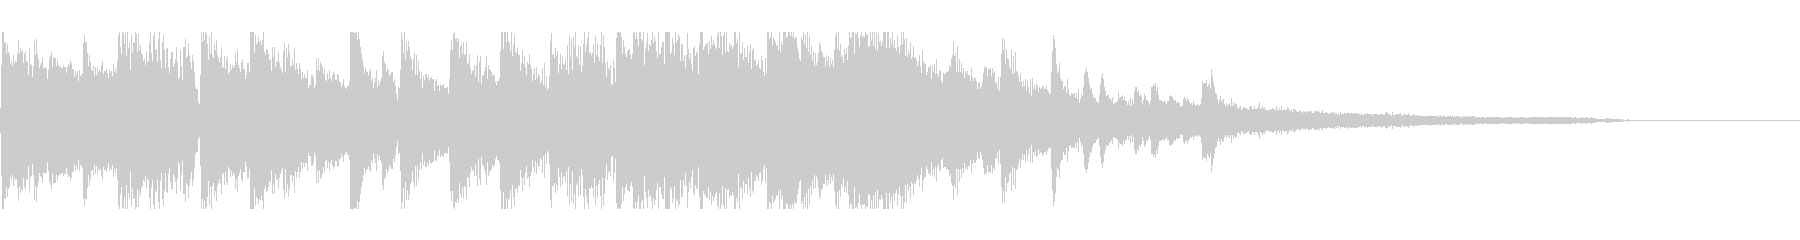 大人の華やかさがあるピアノジングルの未再生の波形